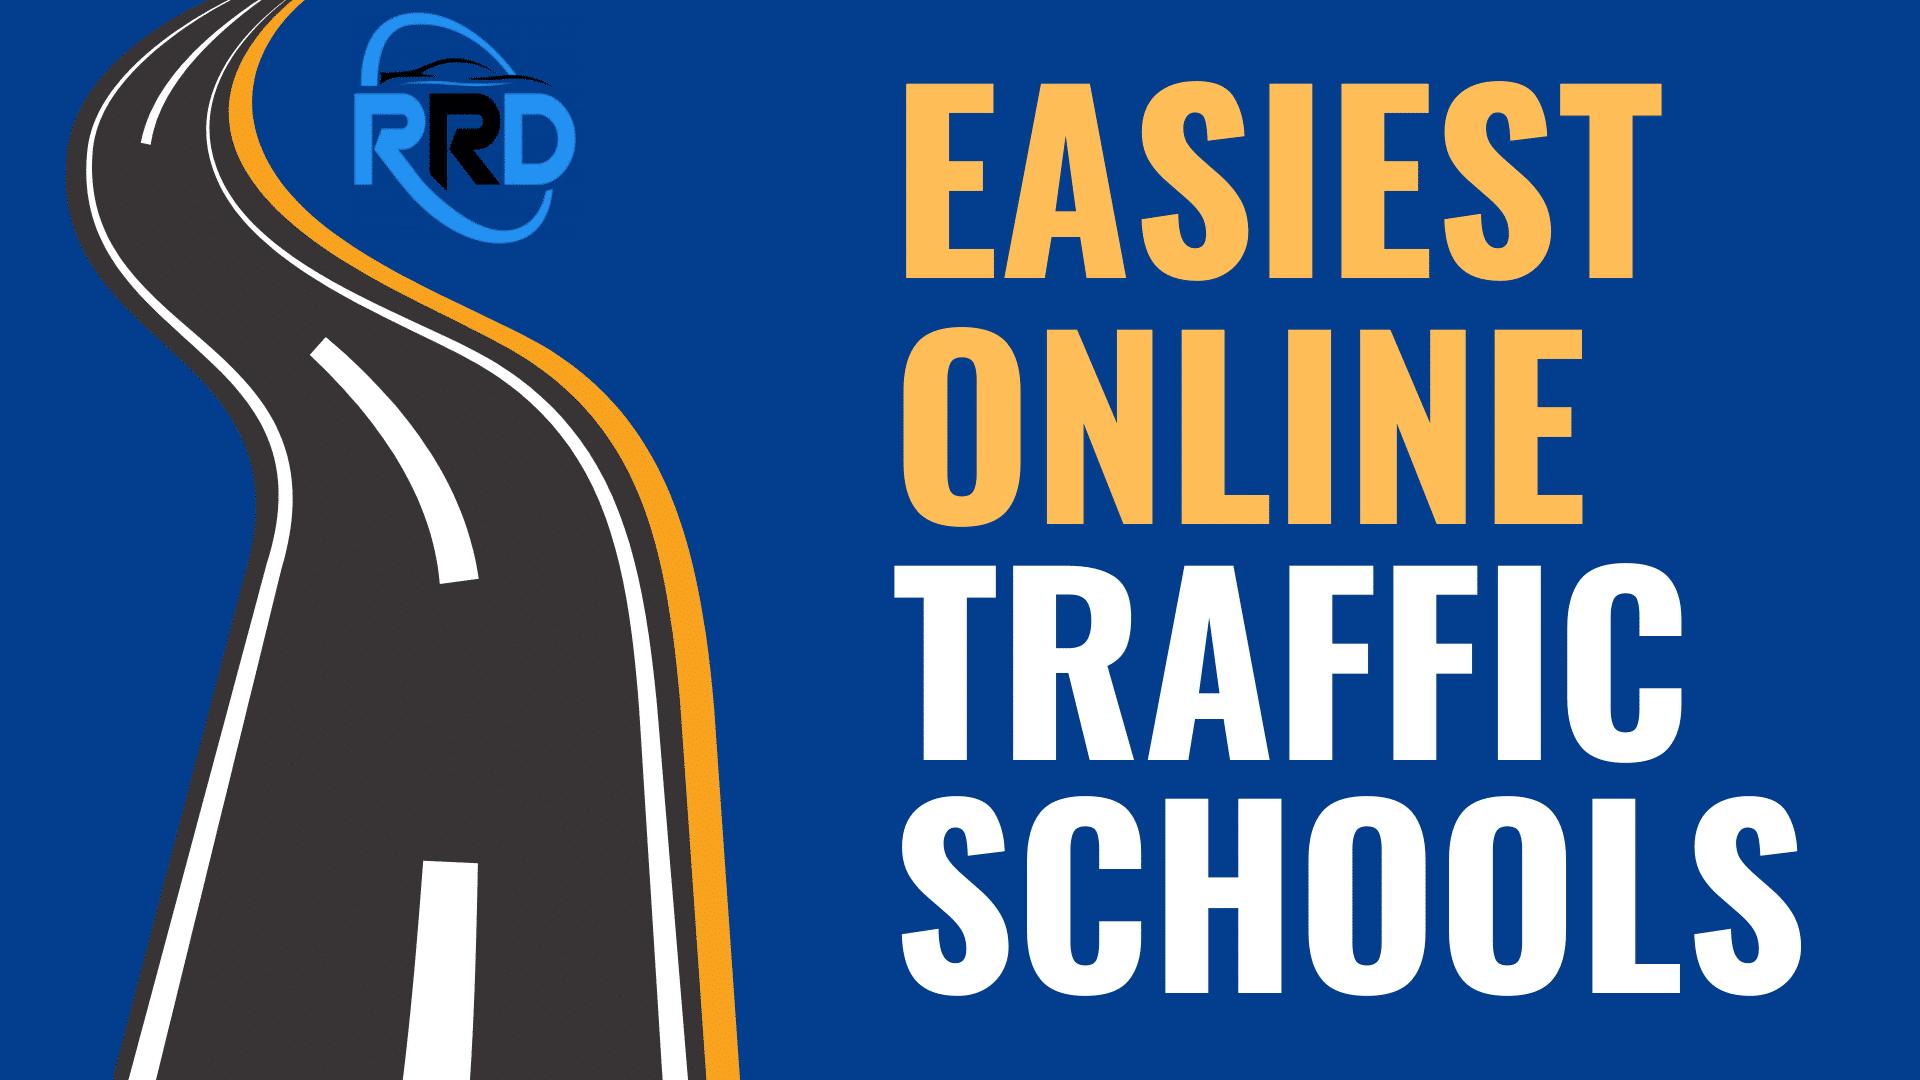 easiest online traffic schools